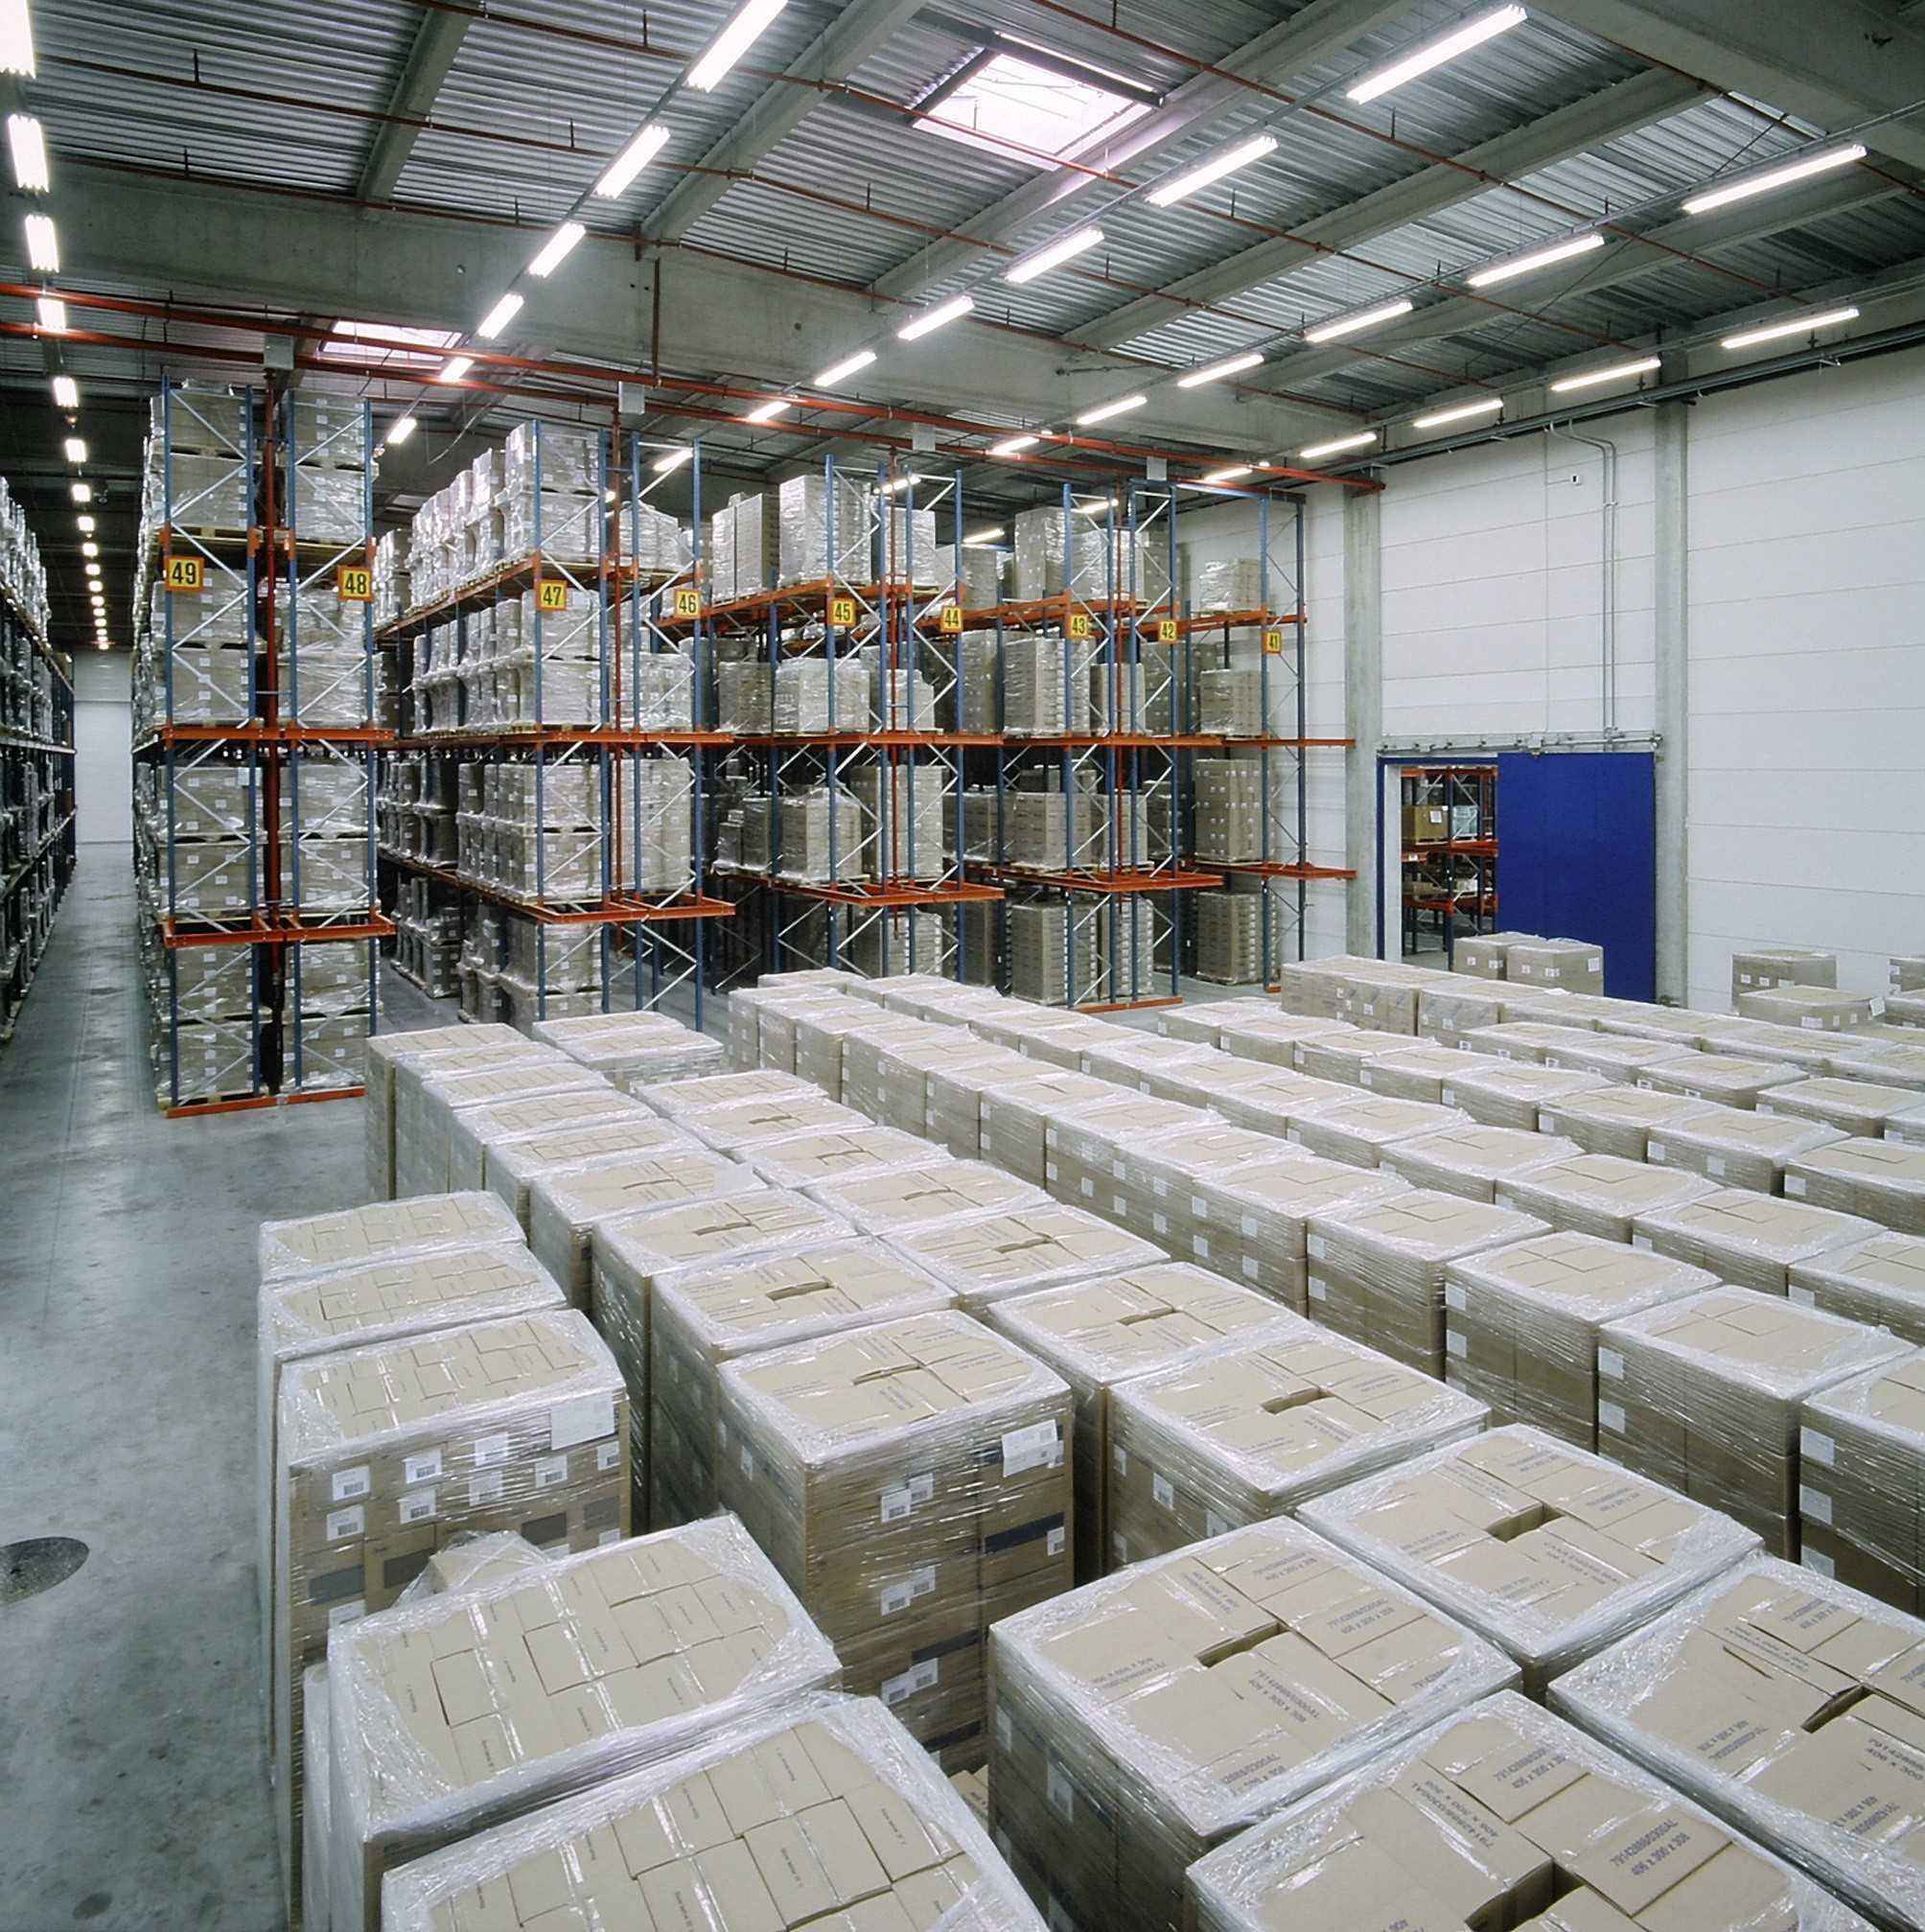 Imagen del evento Gestión Logística en plantas industriales